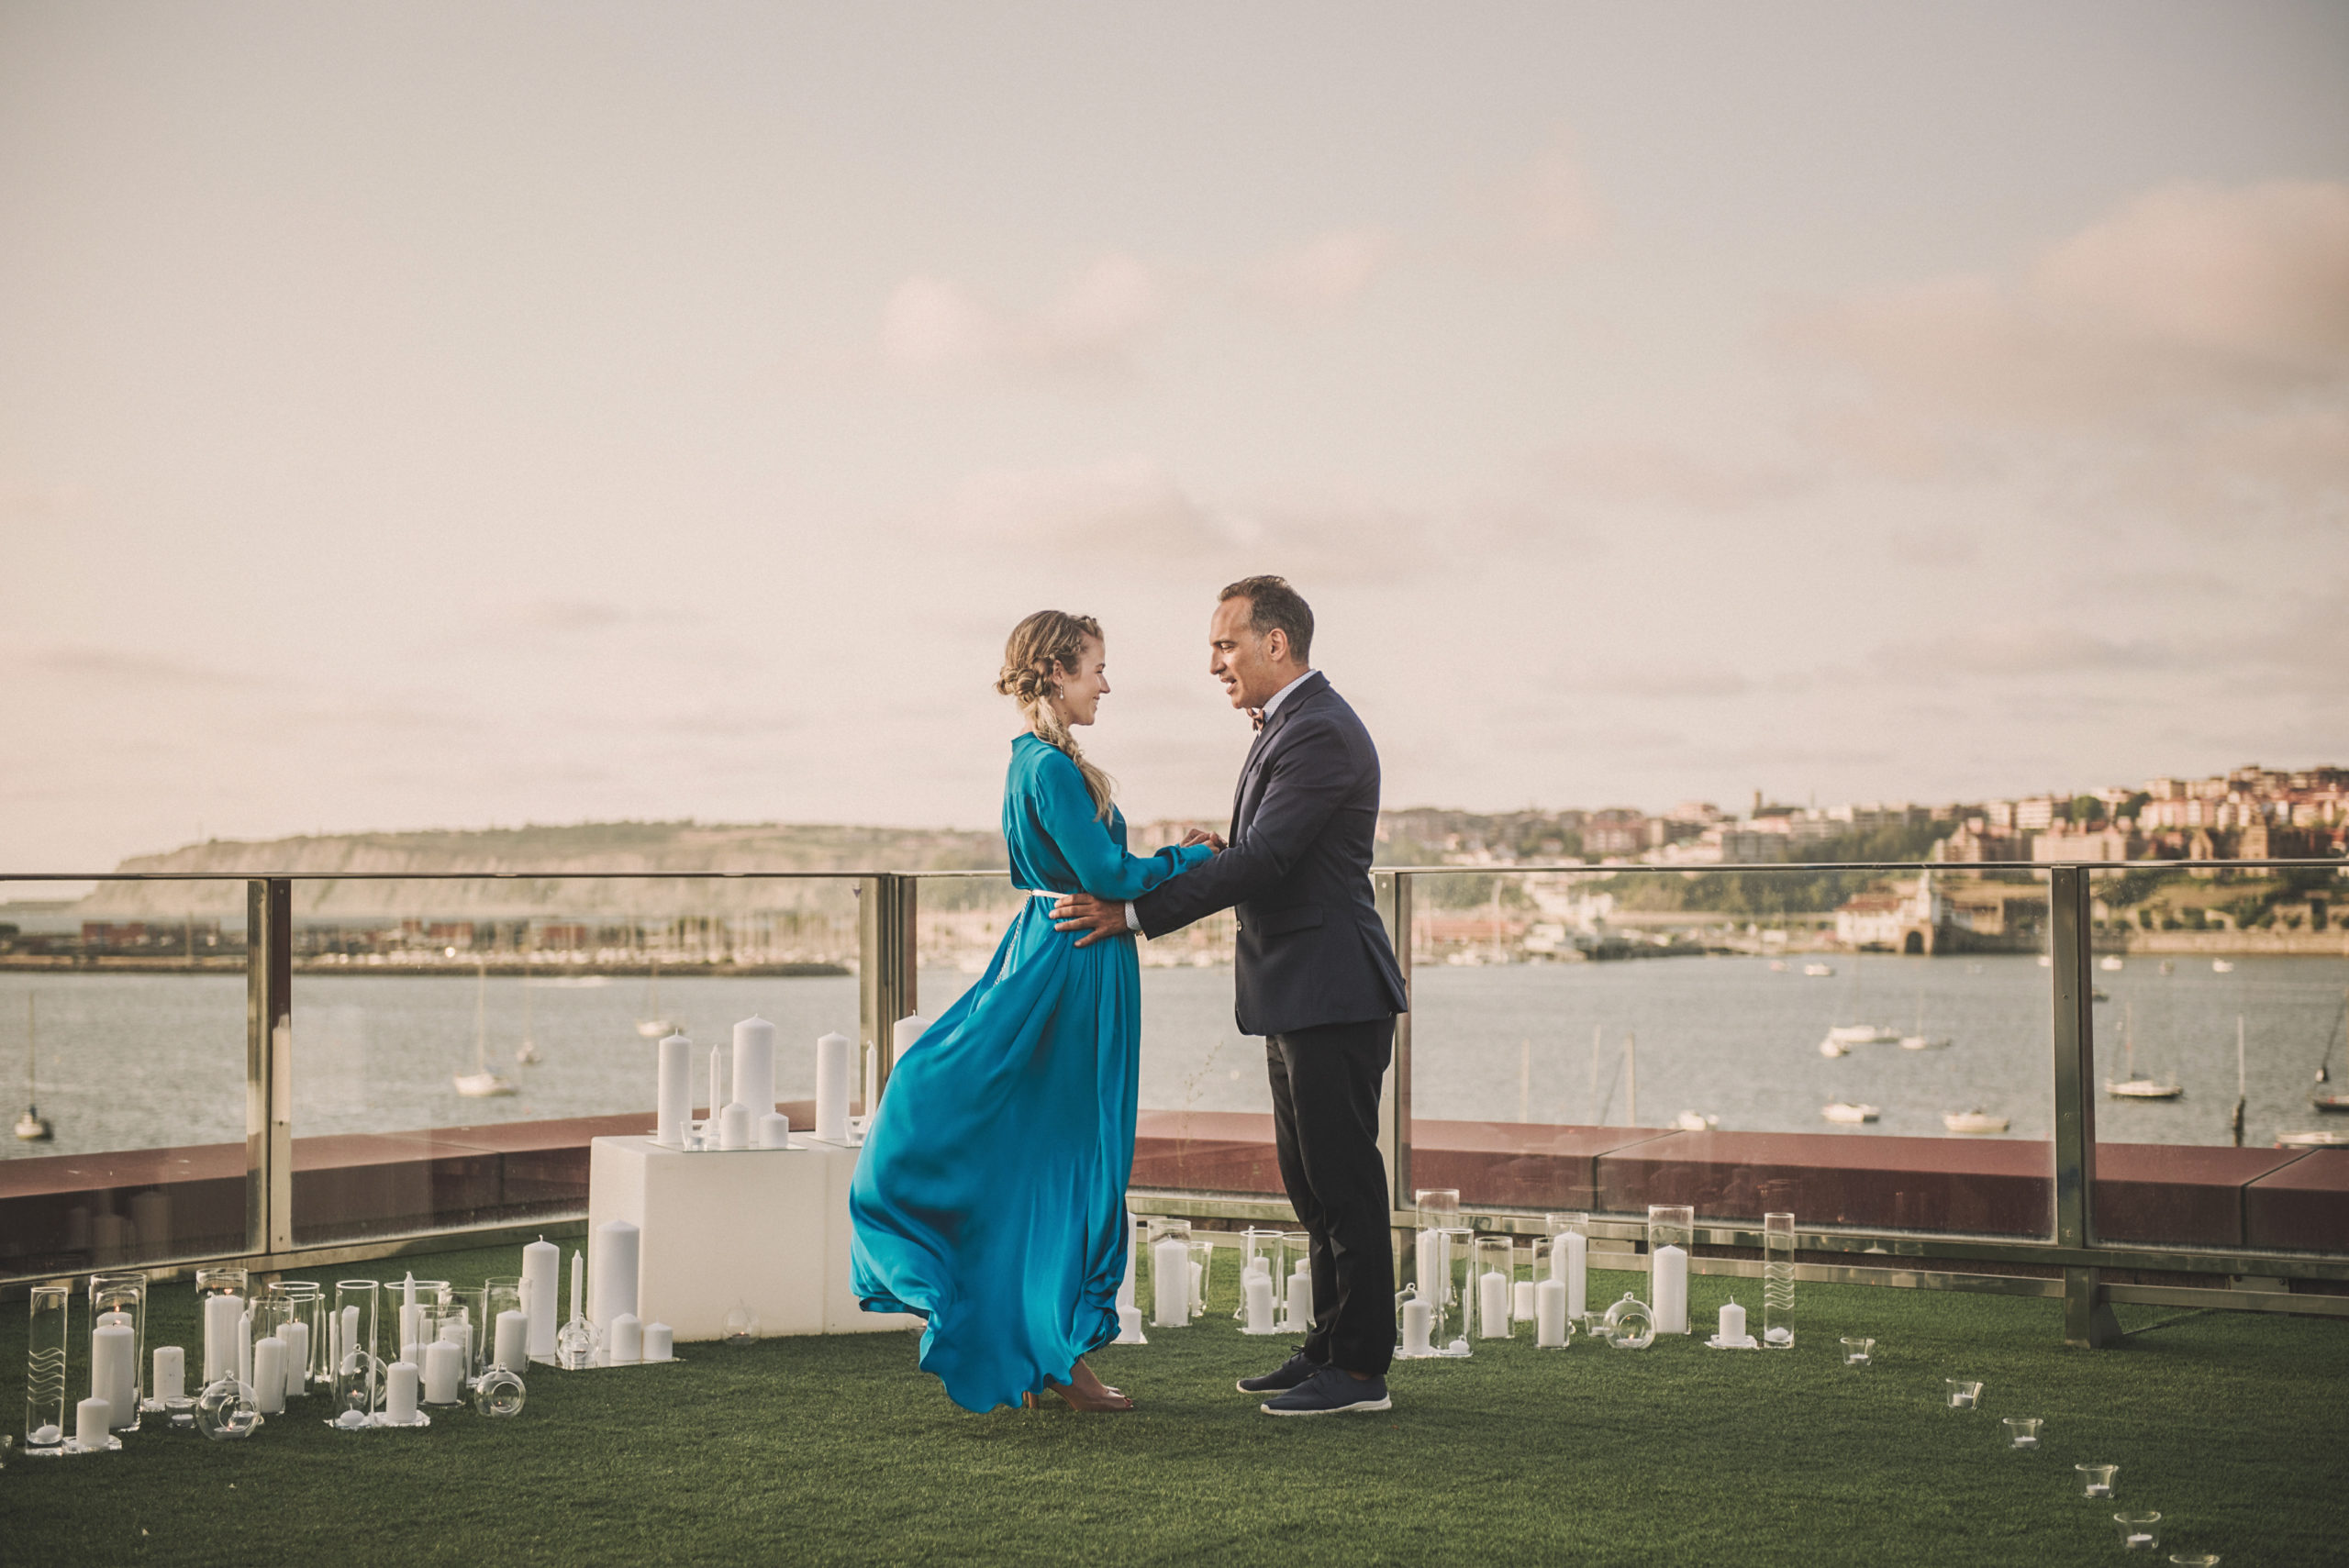 Momento pedida de mano novia vestida de azul y novio con traje frente al mar